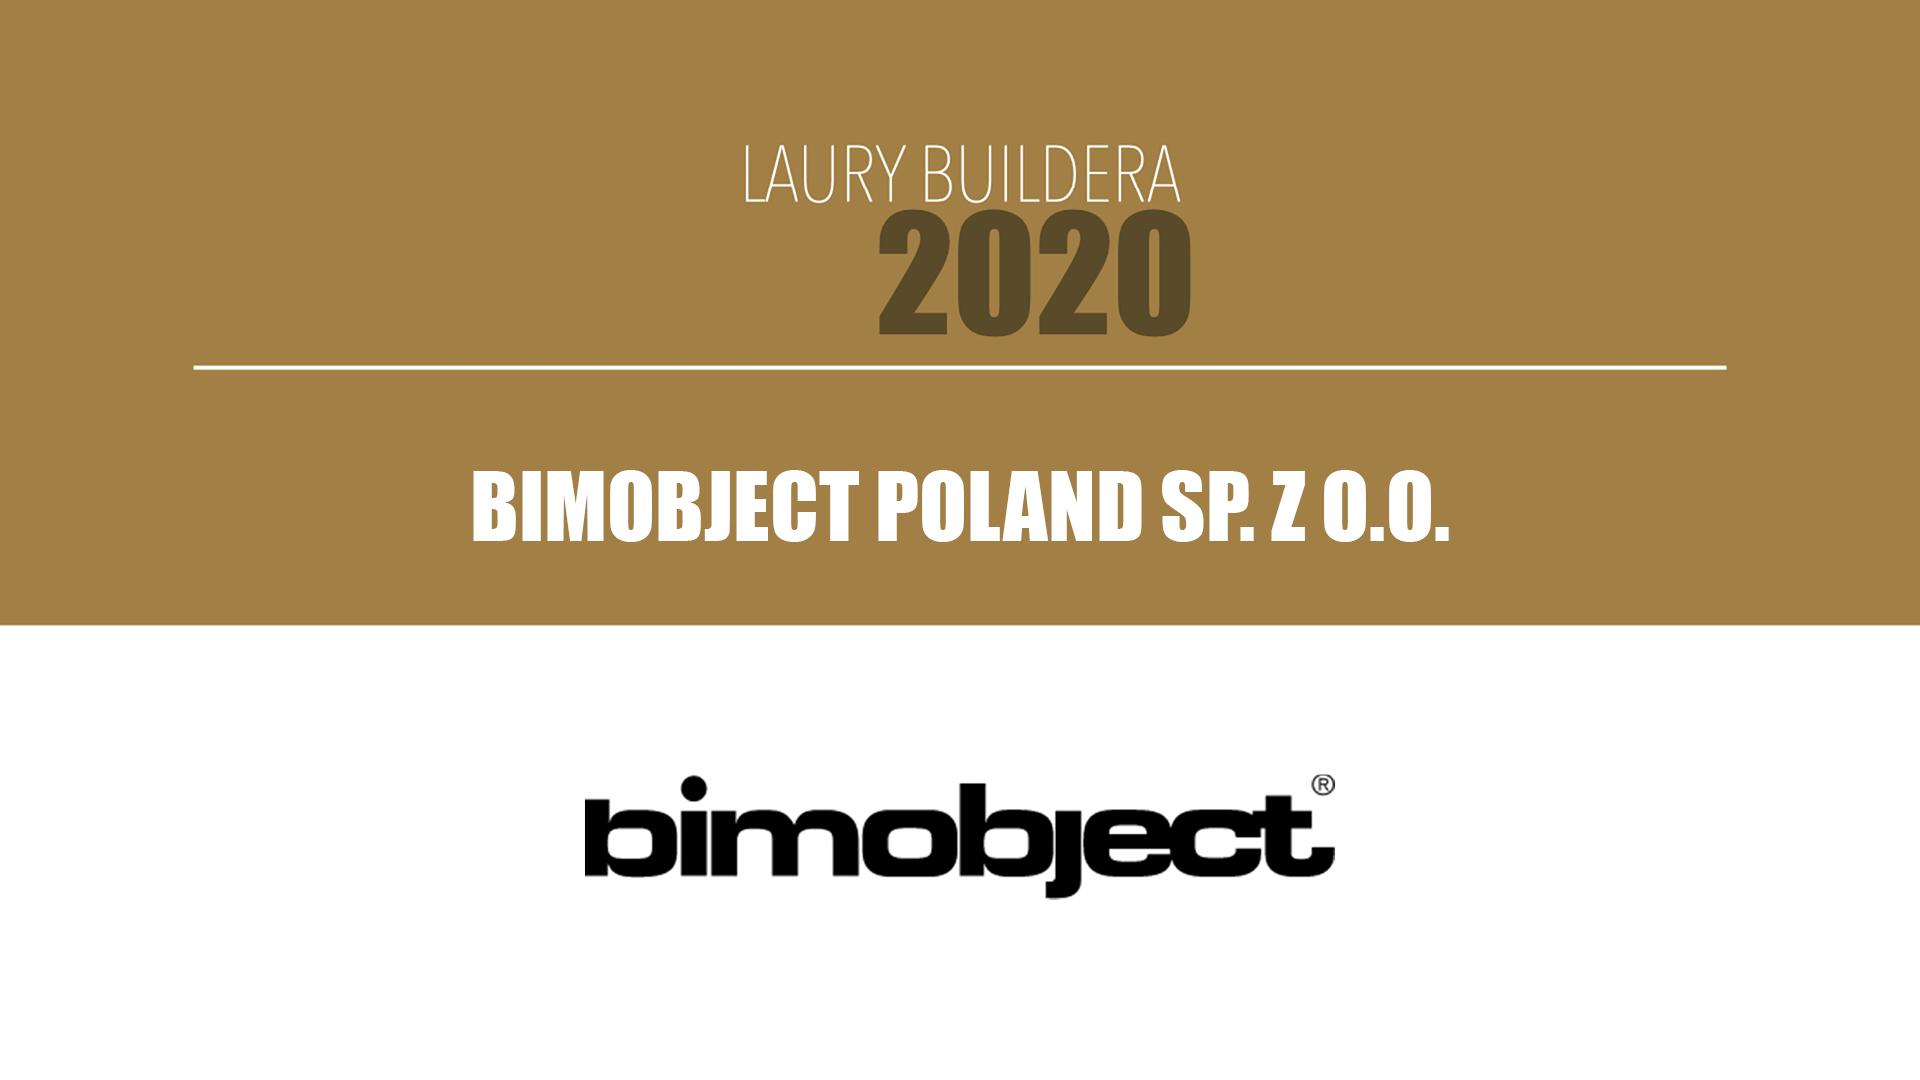 BIMOBJECT POLAND SP. Z O.O. – LAURY BUILDERA 2020